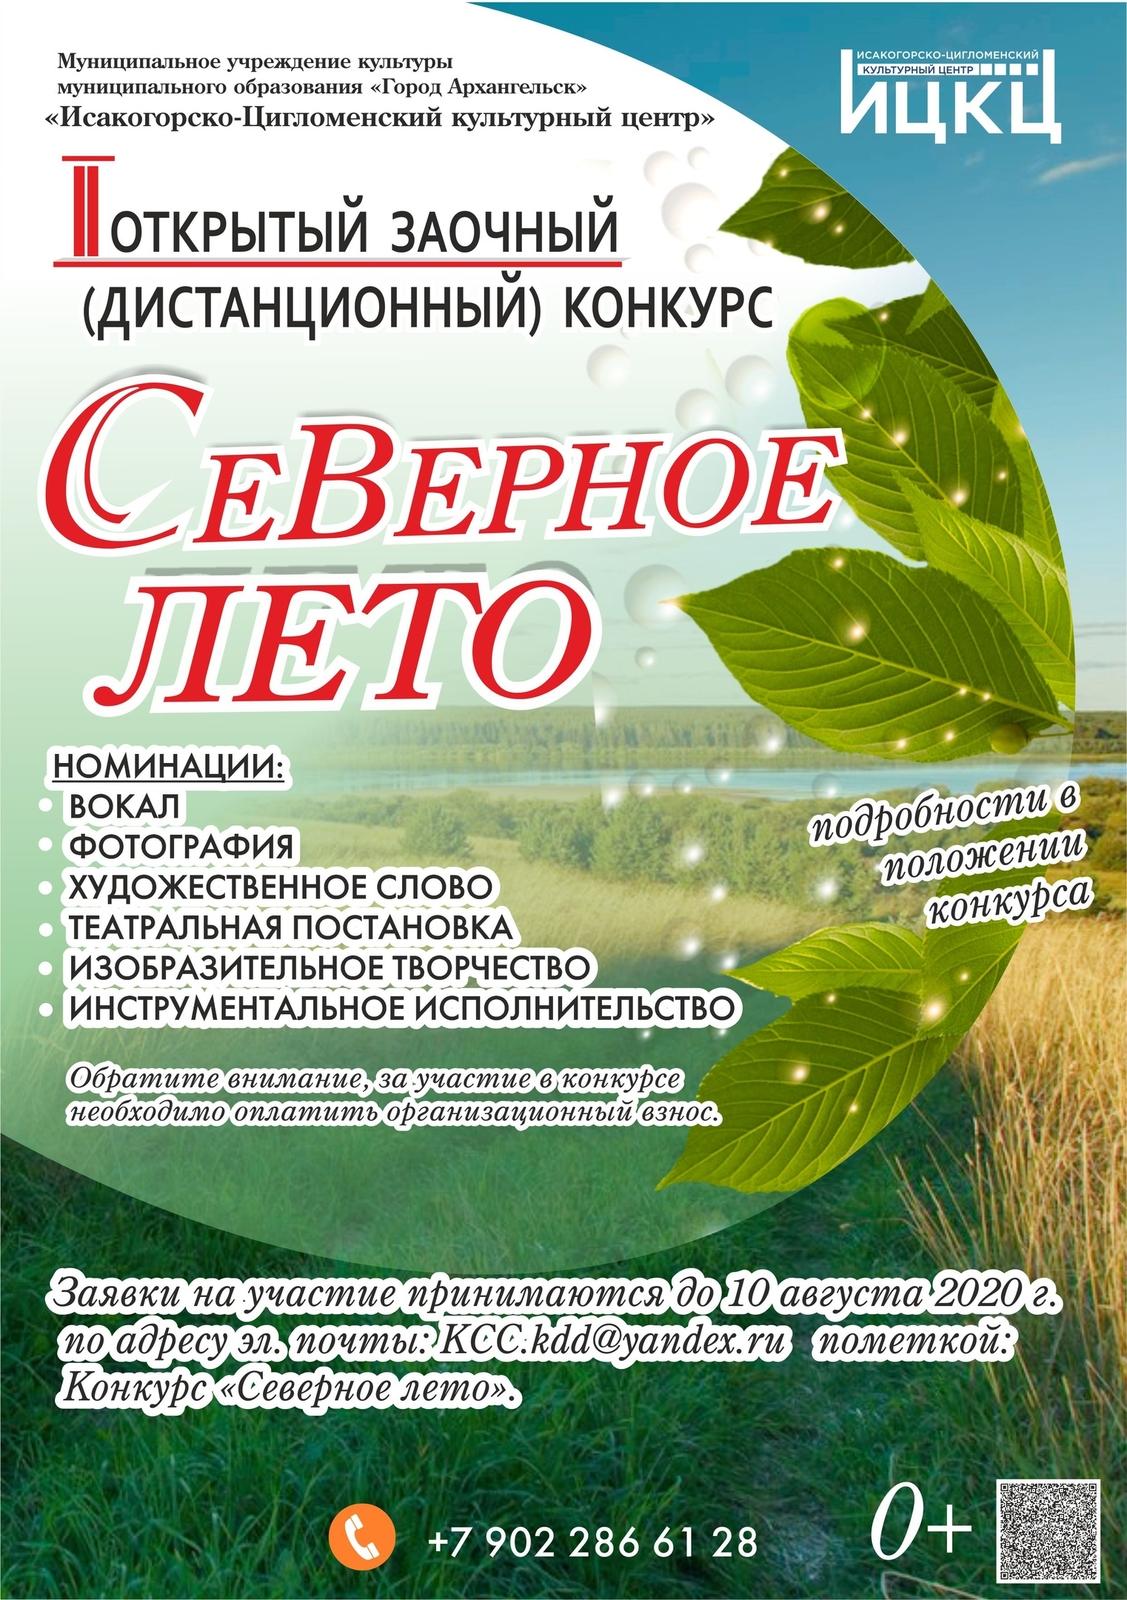 II открытый заочный (дистанционный) конкурс «Северное лето»